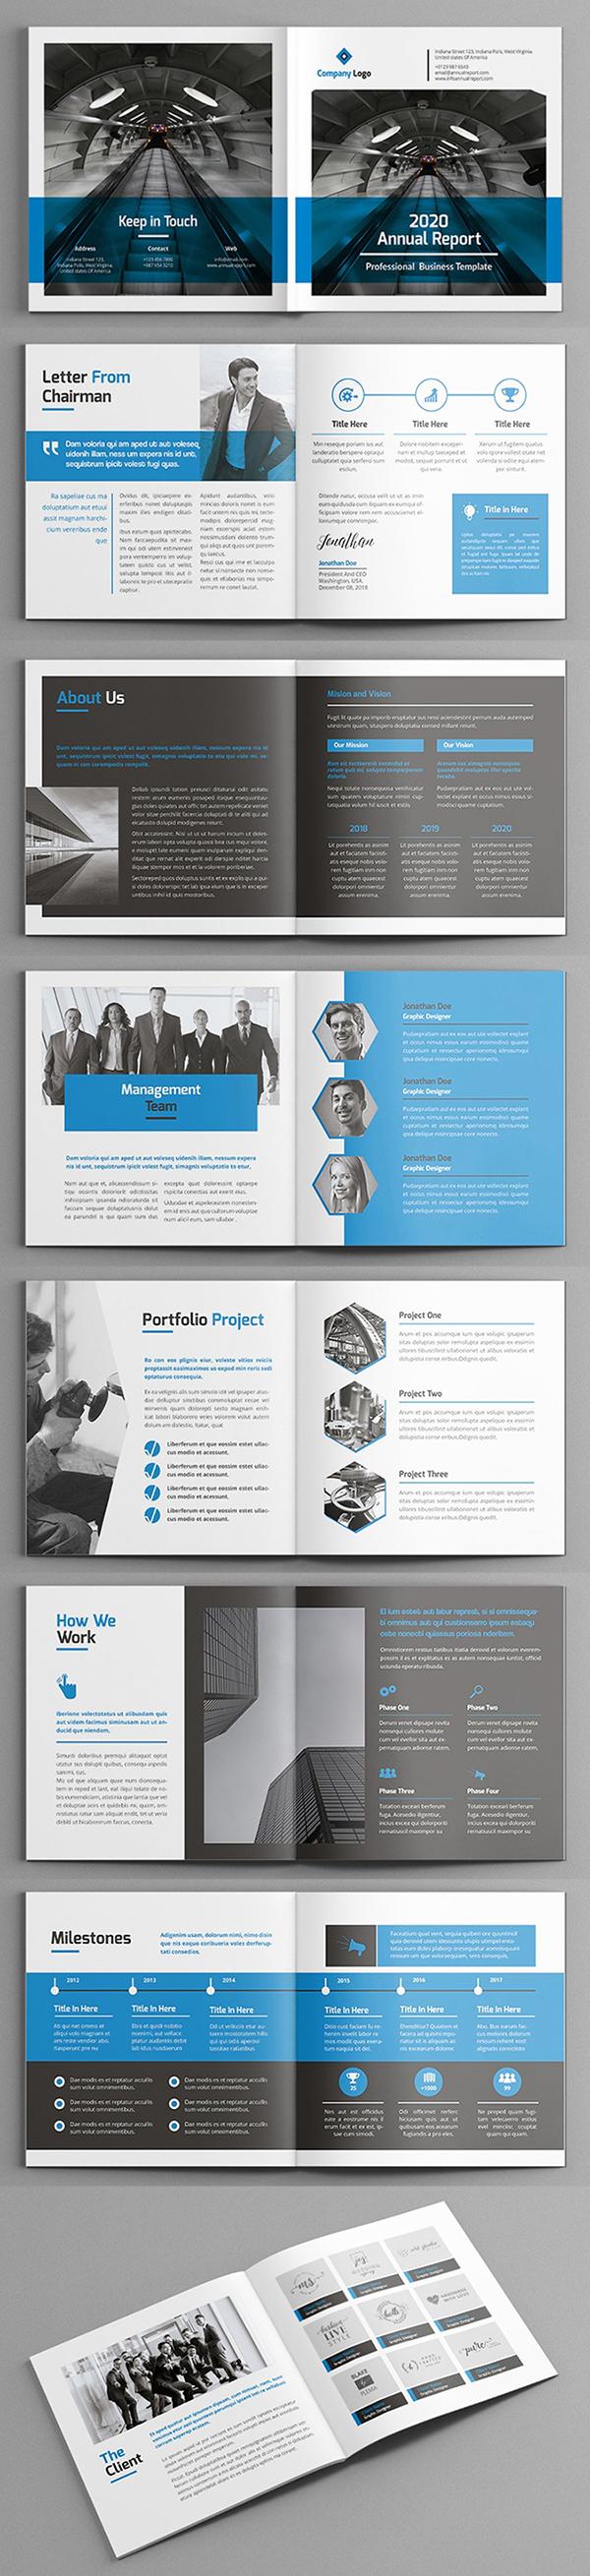 Mblandang - Square Annual Report